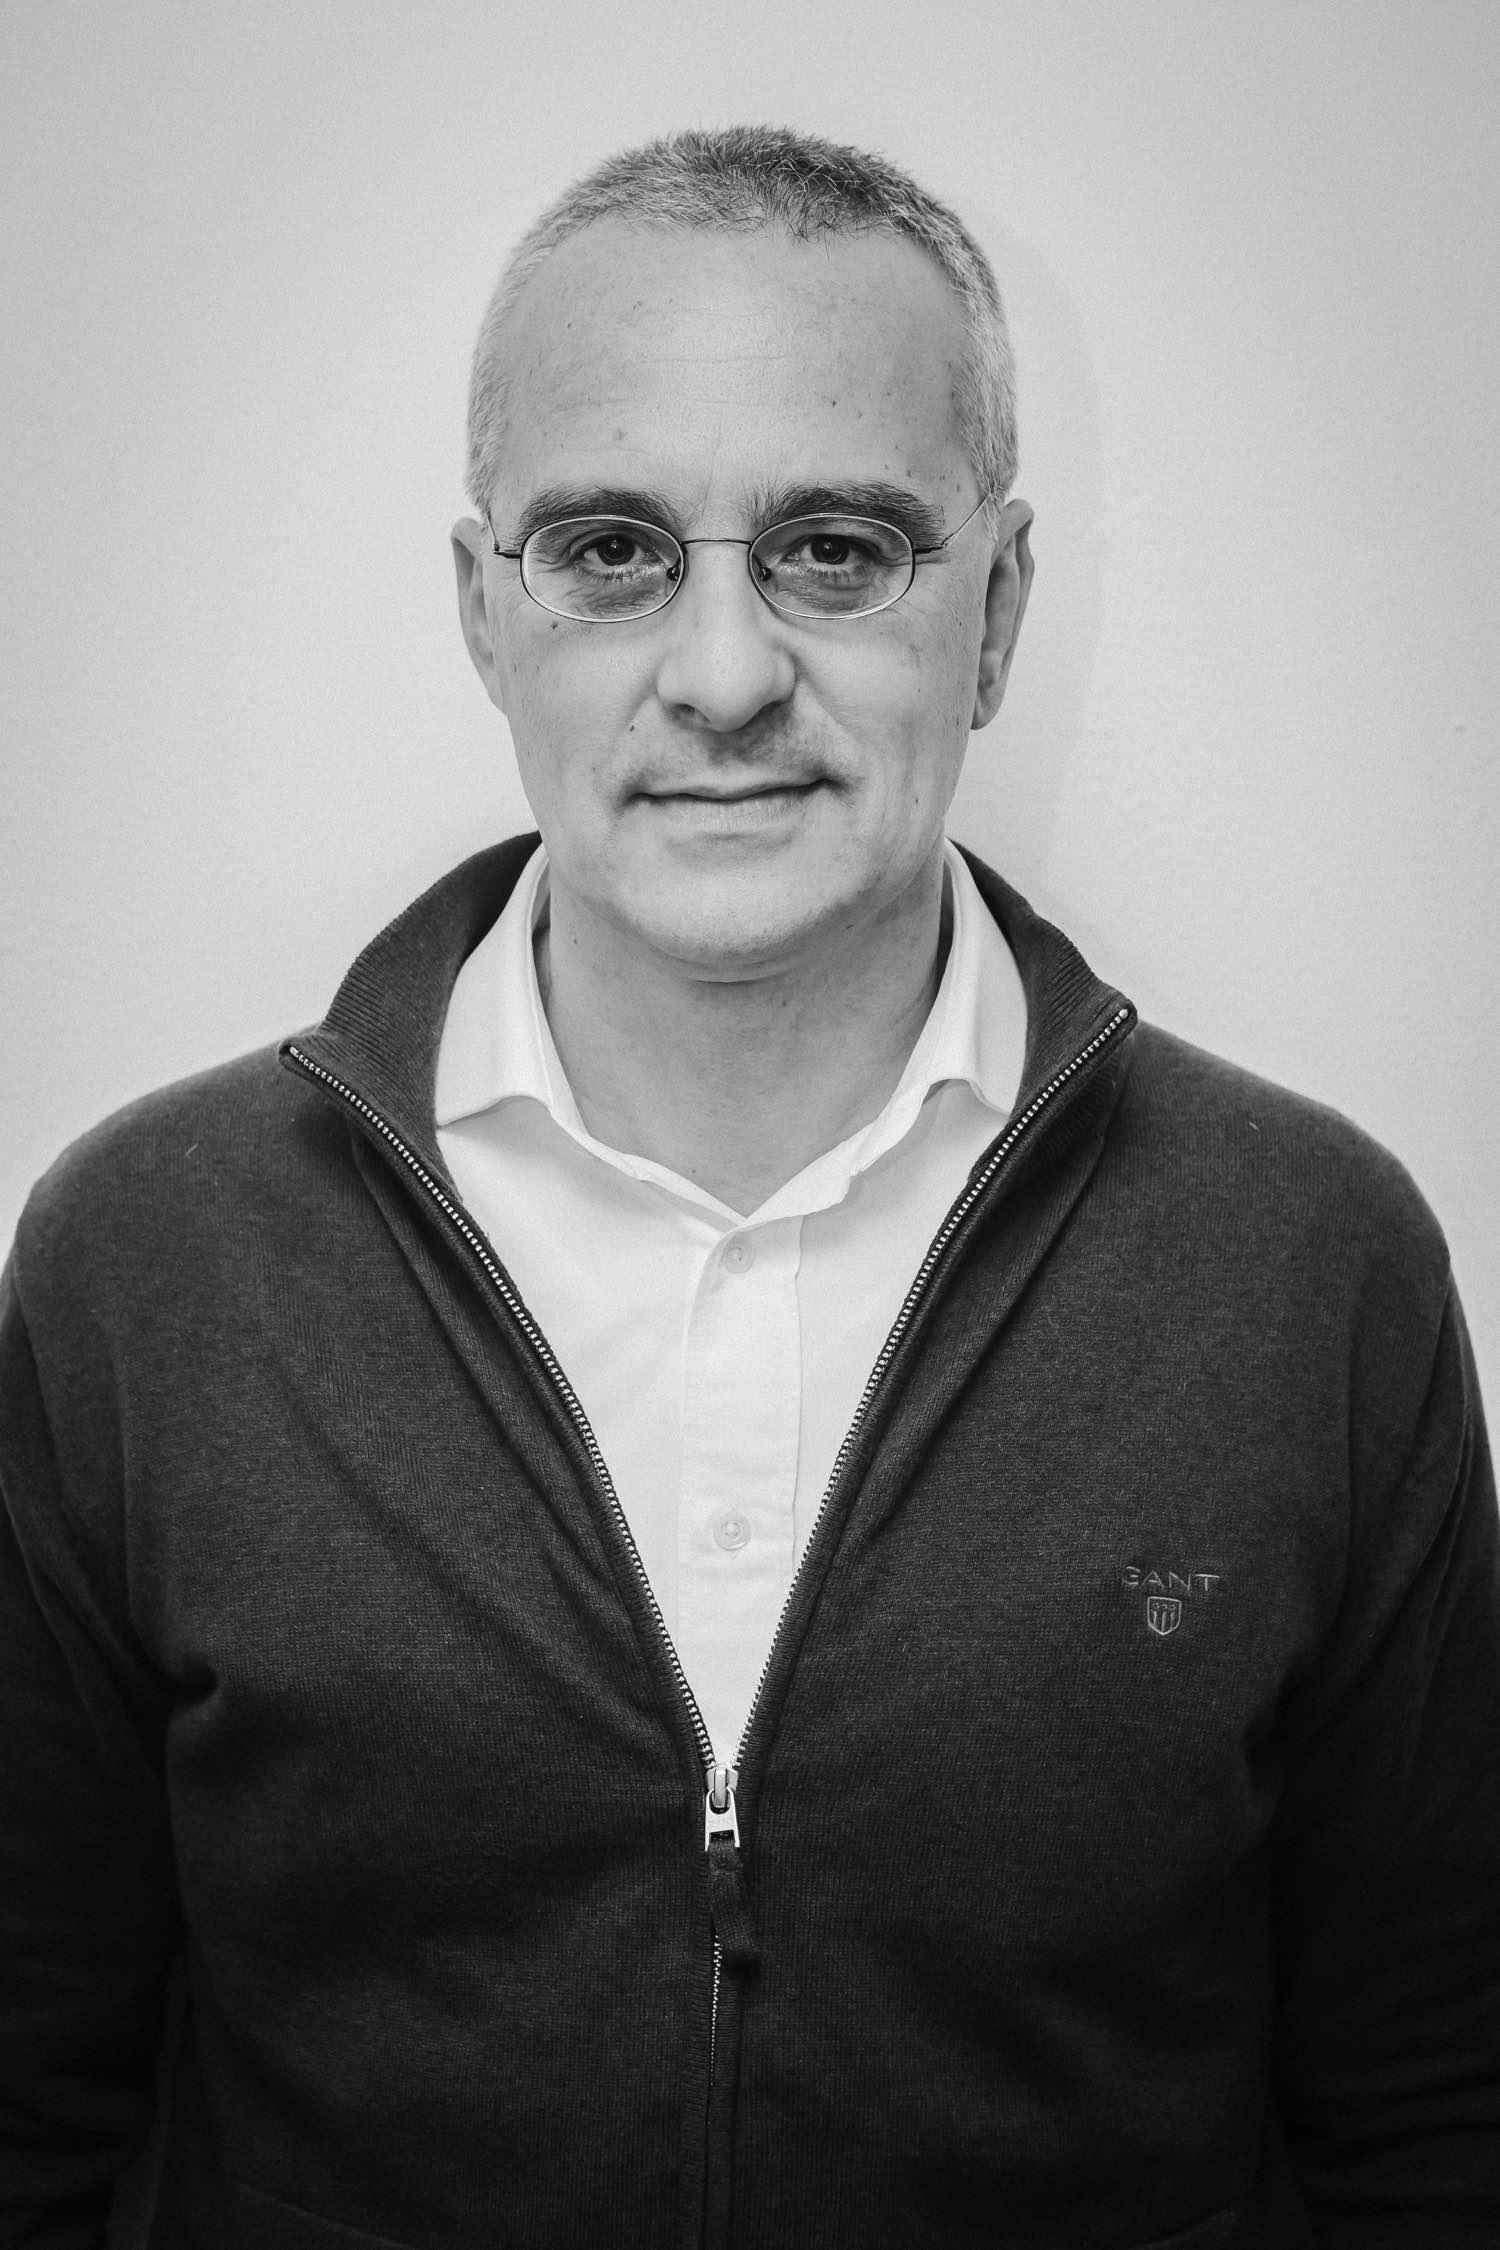 Juan Llabrés Escobar